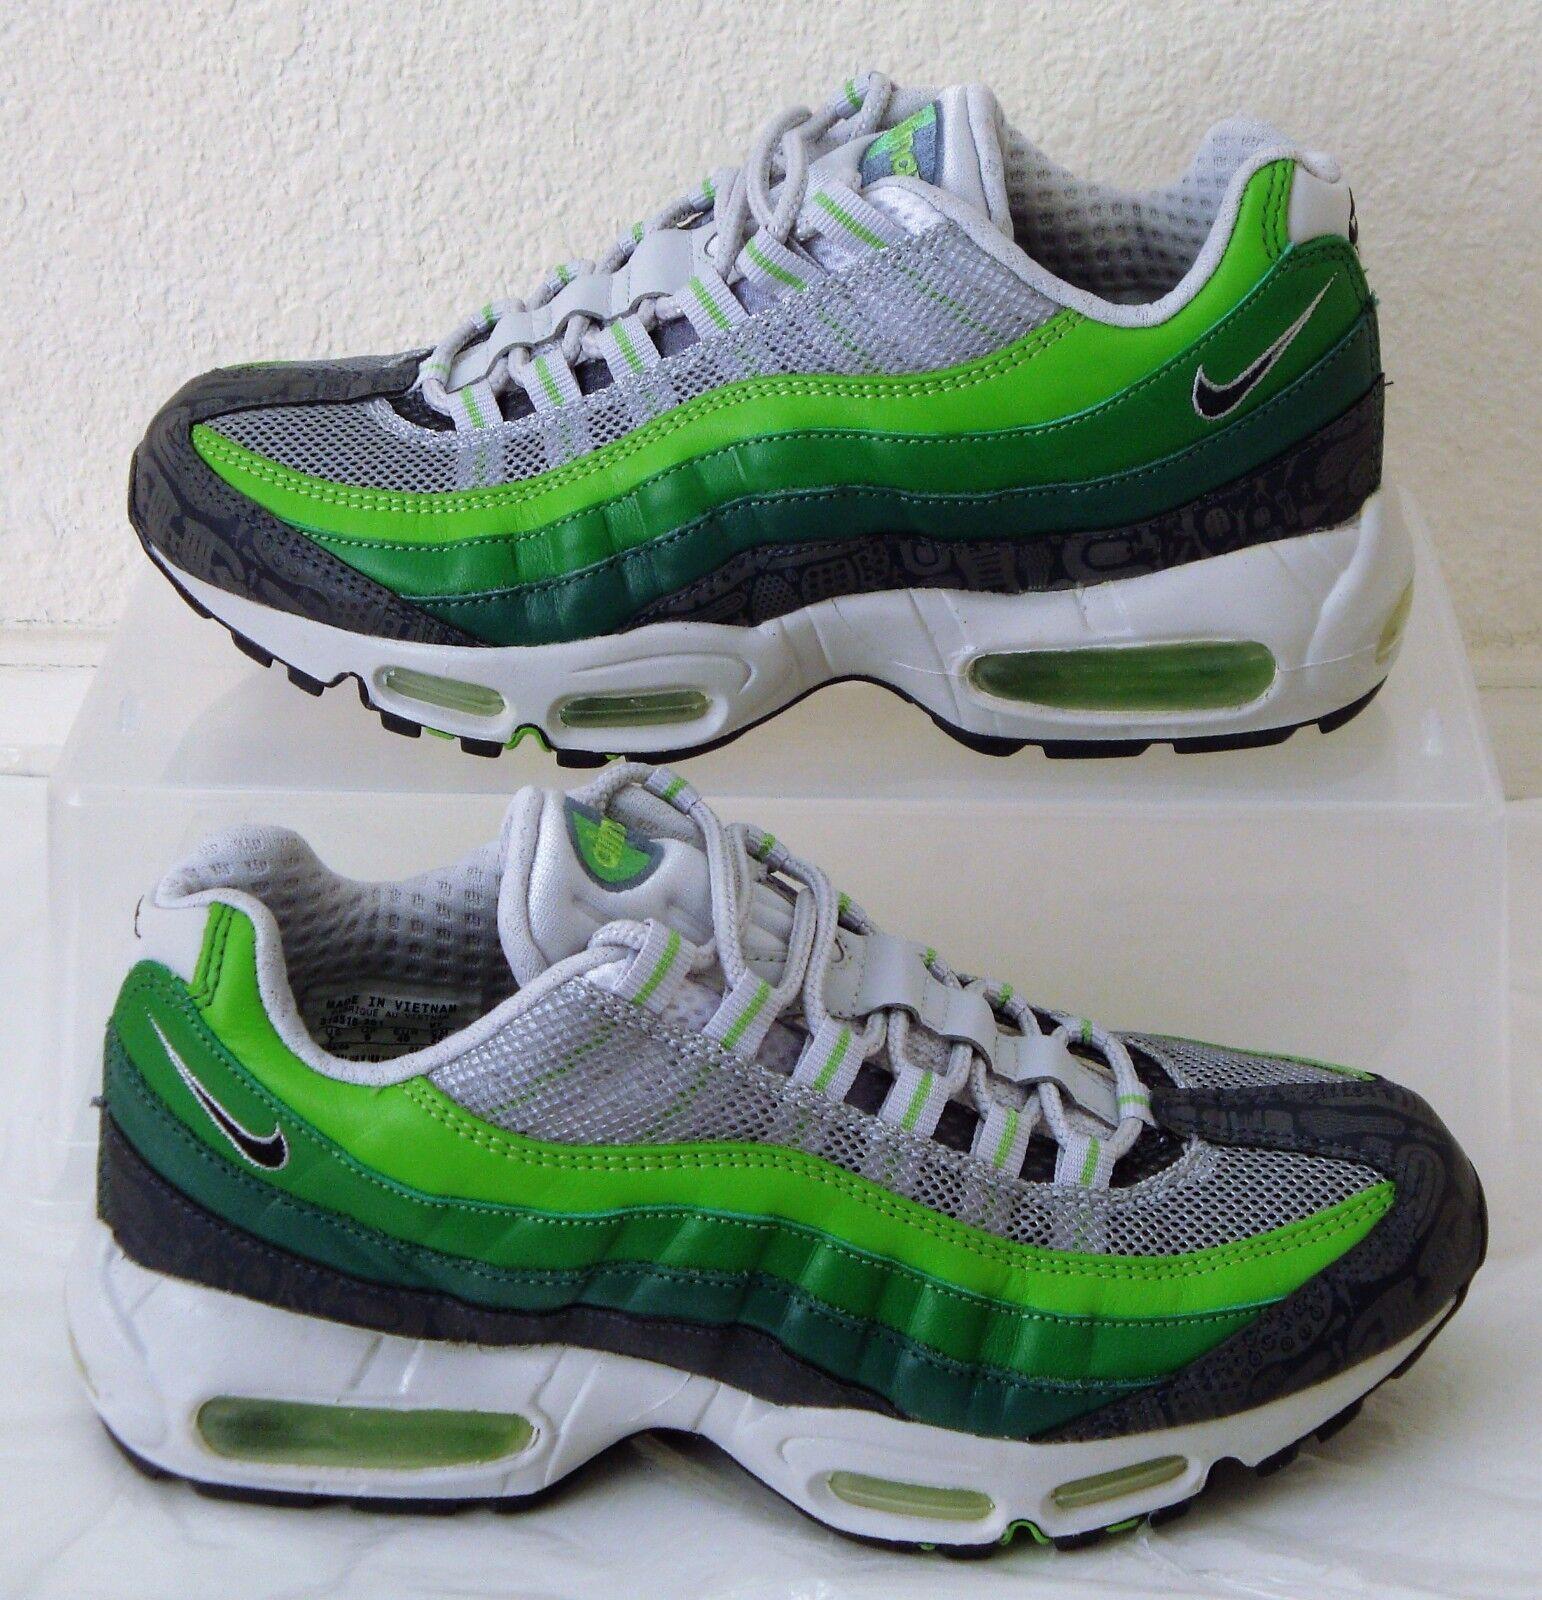 662d4f6e322d1 Vintage Nike Shoes Air Max 95 Premium Rejuvenation Mens US Size 7 UK 6 Er 40